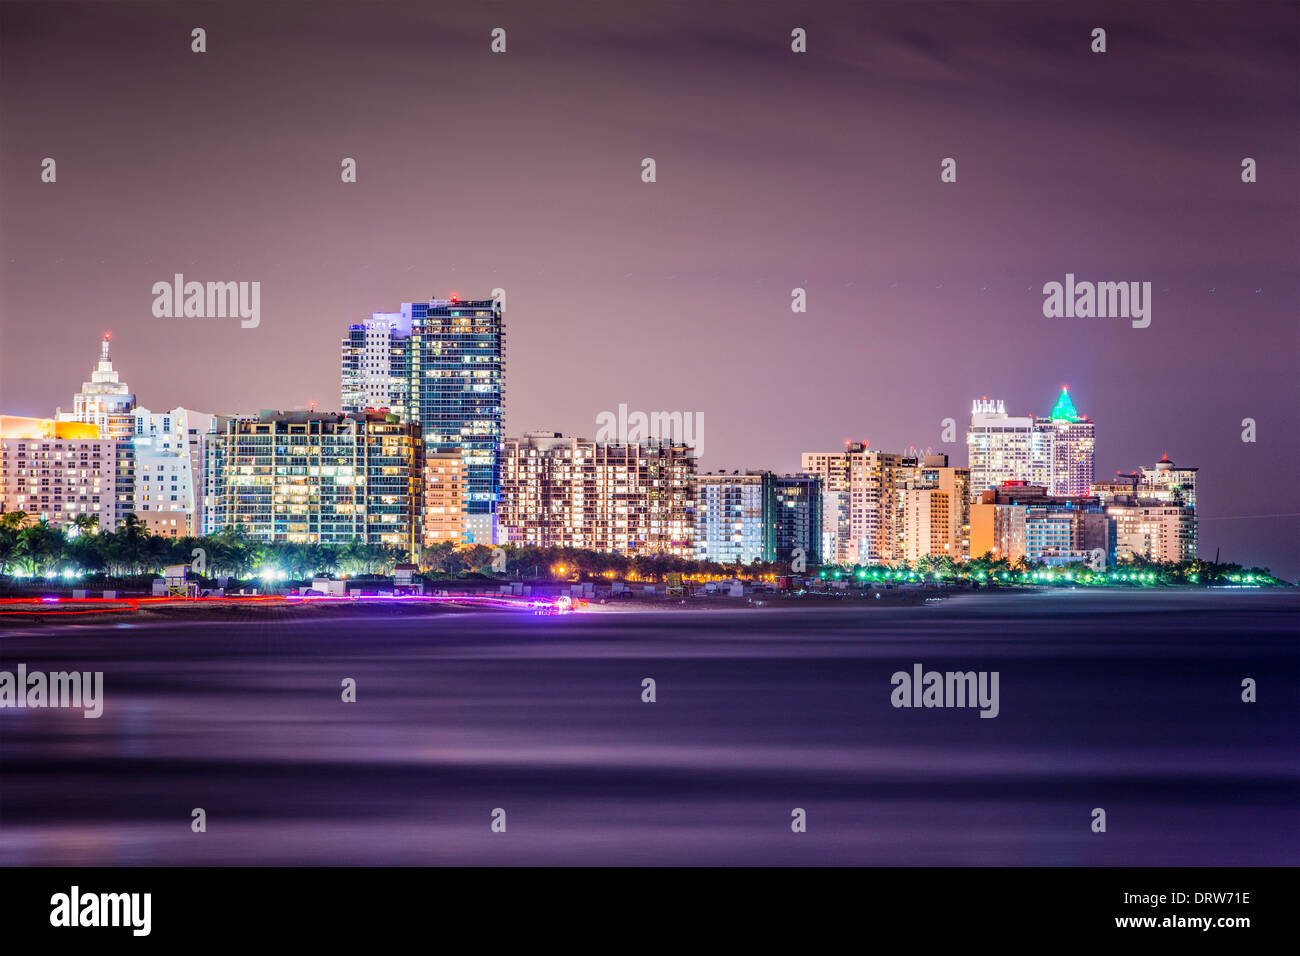 Miami Beach, Florida skyline at night. - Stock Image